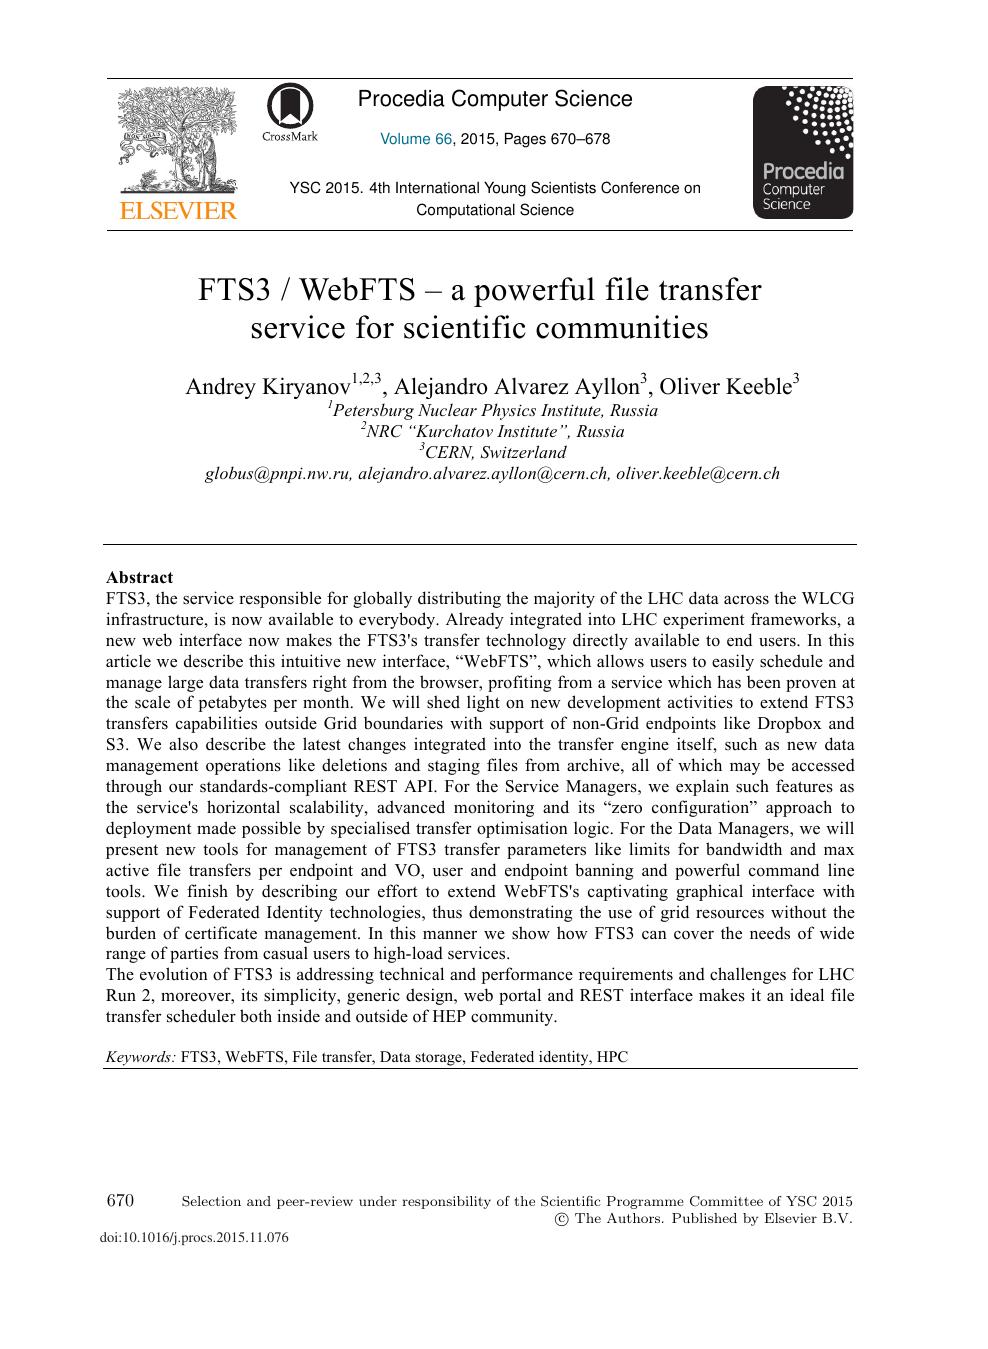 ts3 file transfer failed